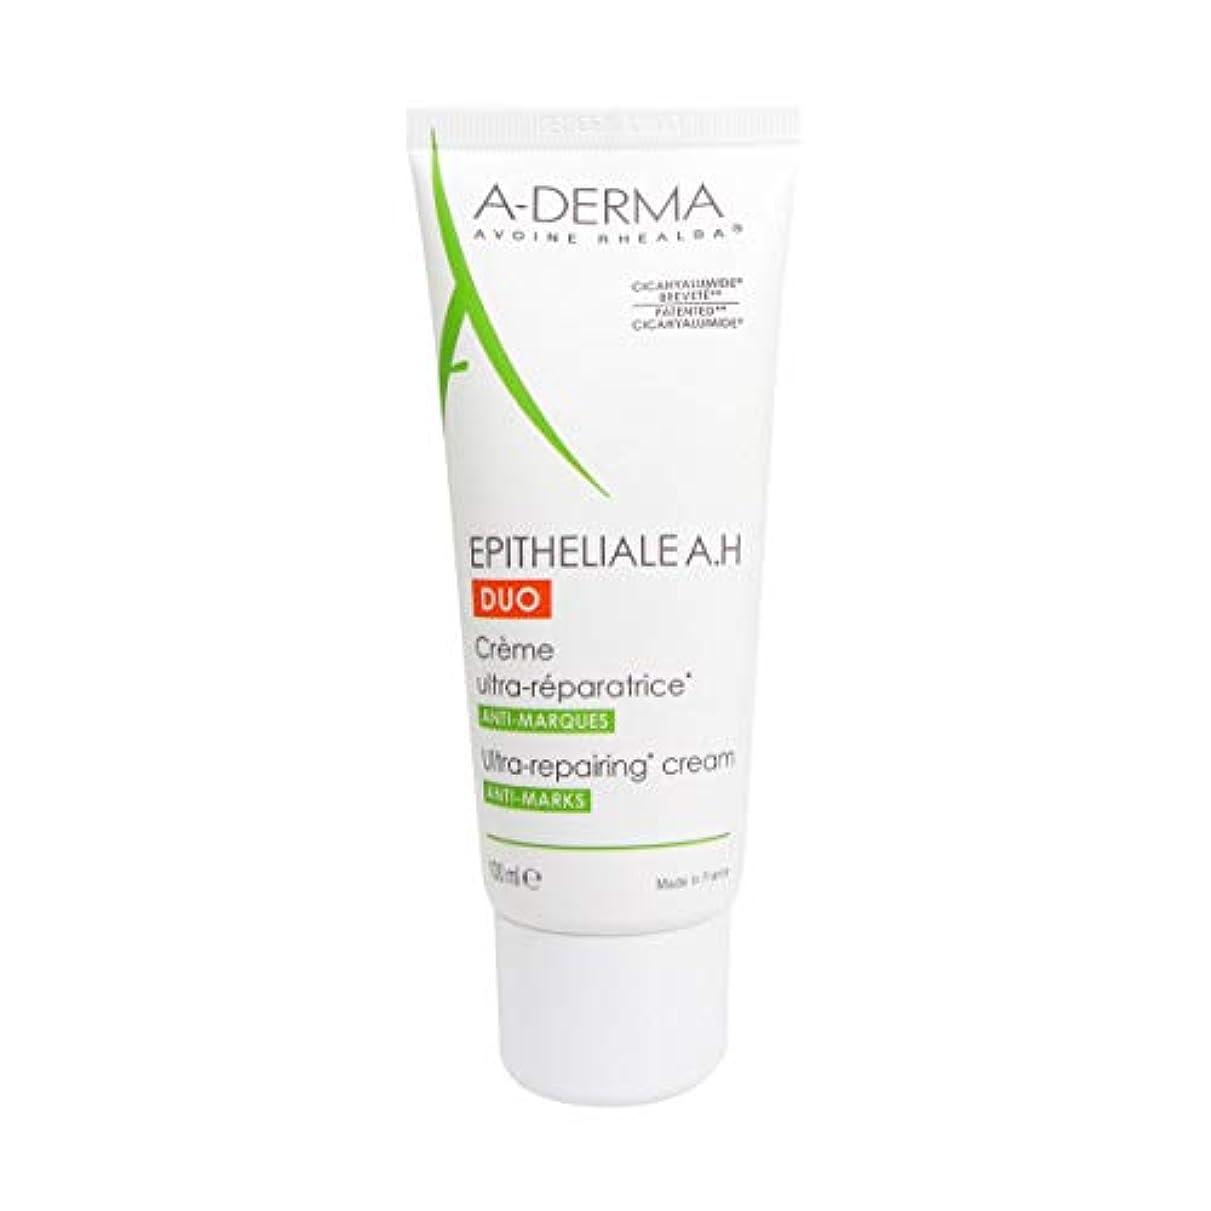 状態子供時代免疫するA-derma Epitheliale A.h. Duo Ultra-repairing Cream 100ml [並行輸入品]